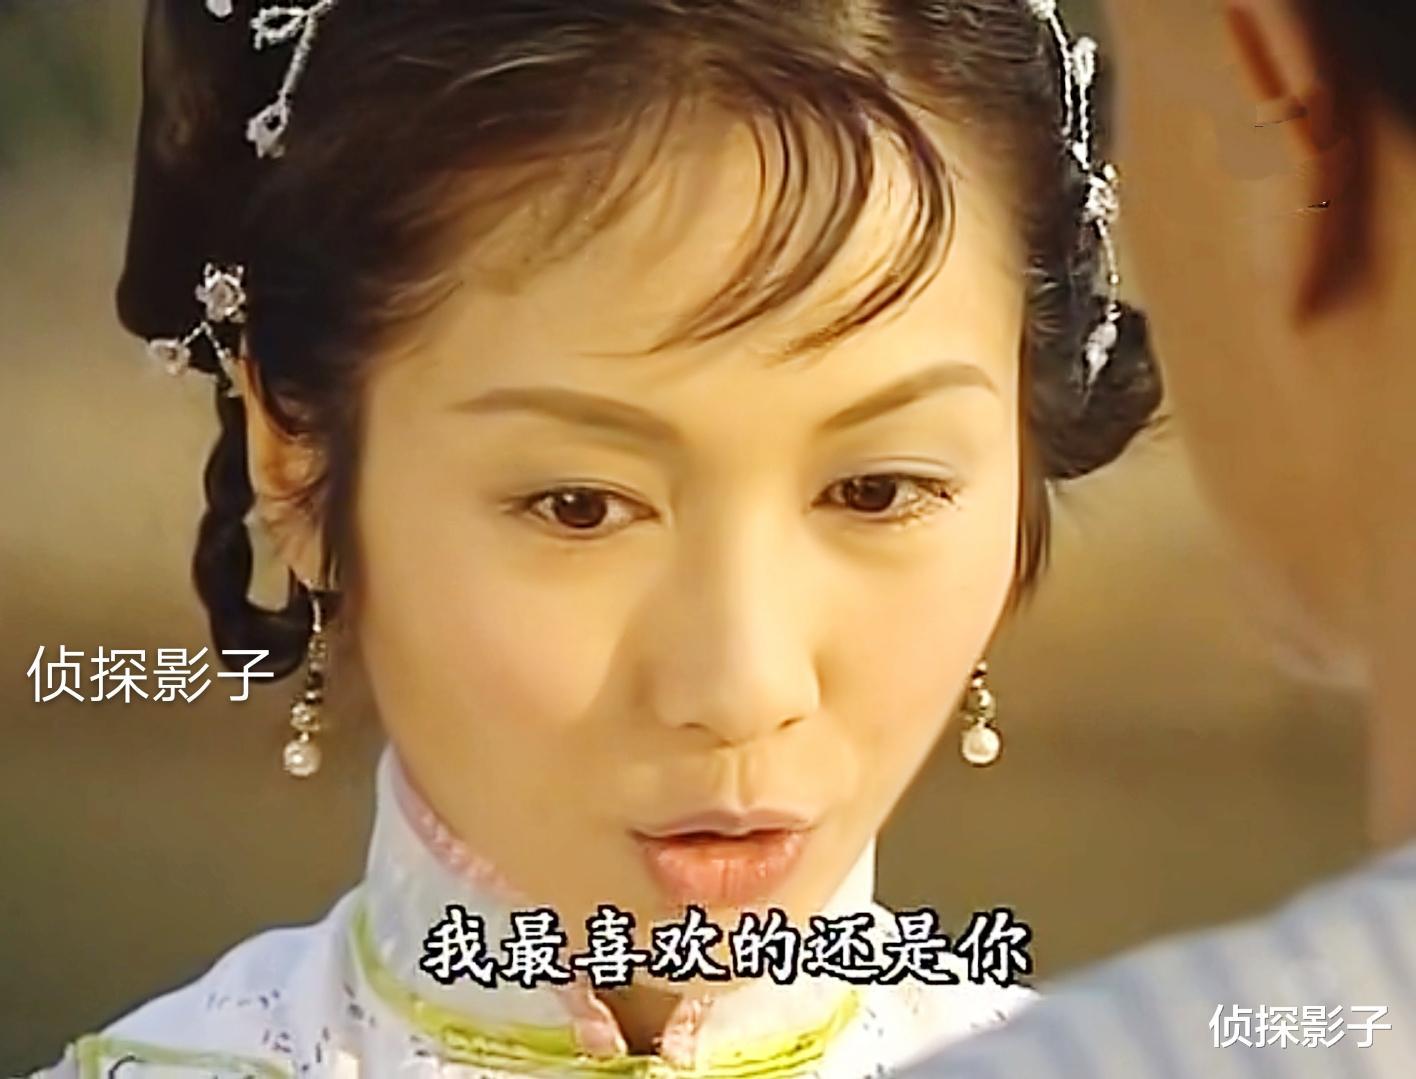 18年前的古装剧,男主爱着女一却娶了女二,女二死后又娶了女三